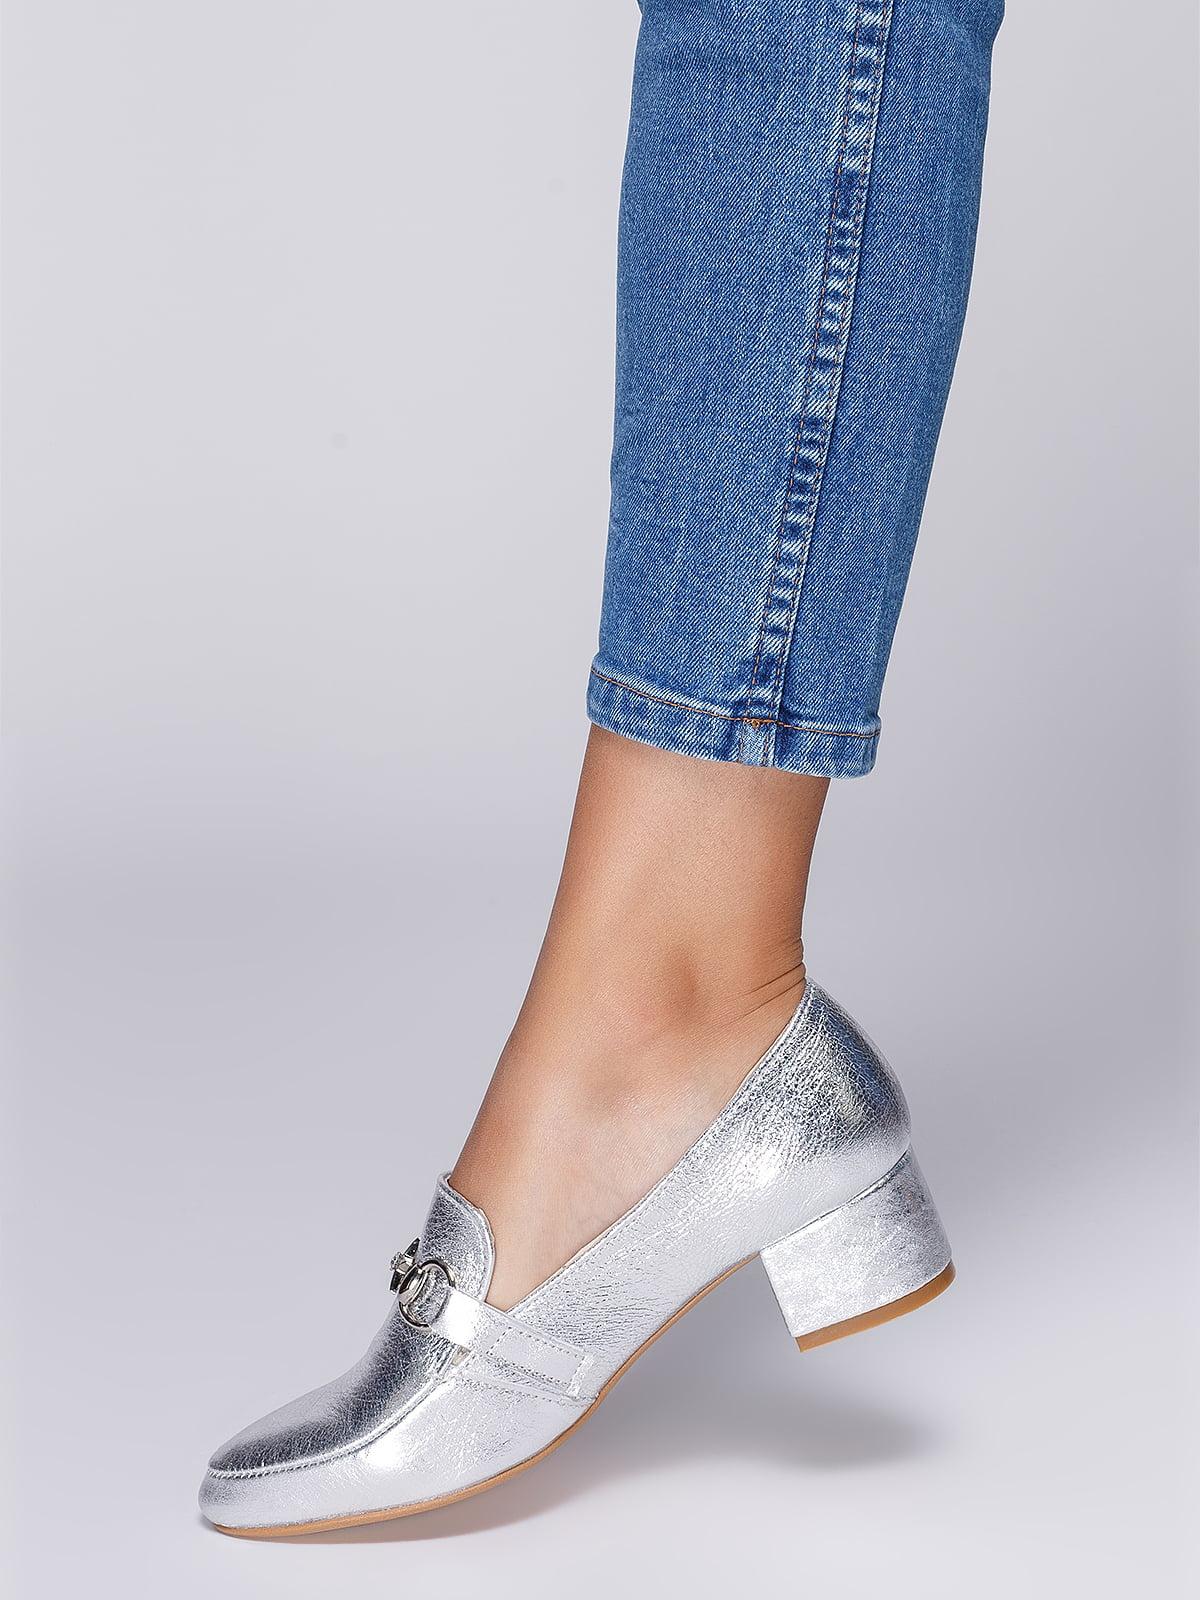 Туфли серебристые   4590793   фото 7